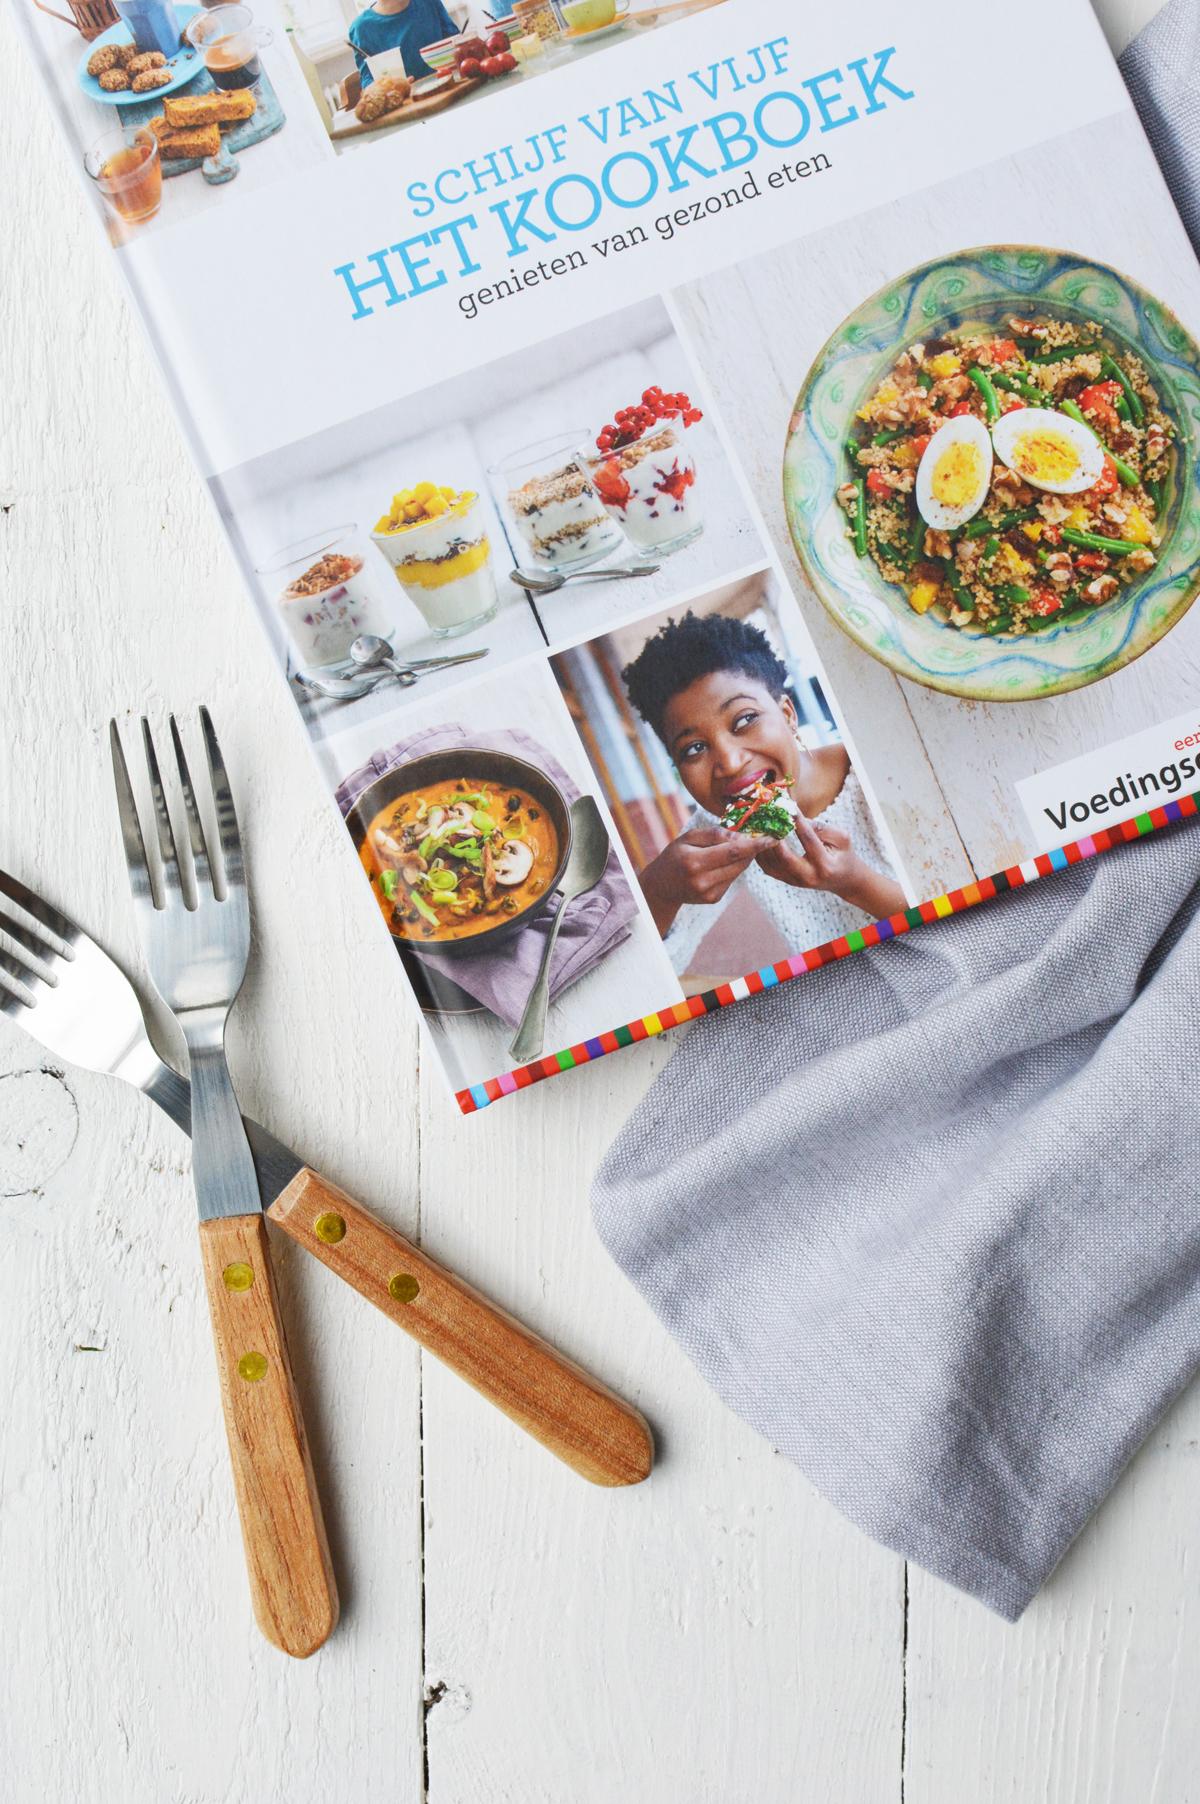 Schijf van Vijf kookboek 8